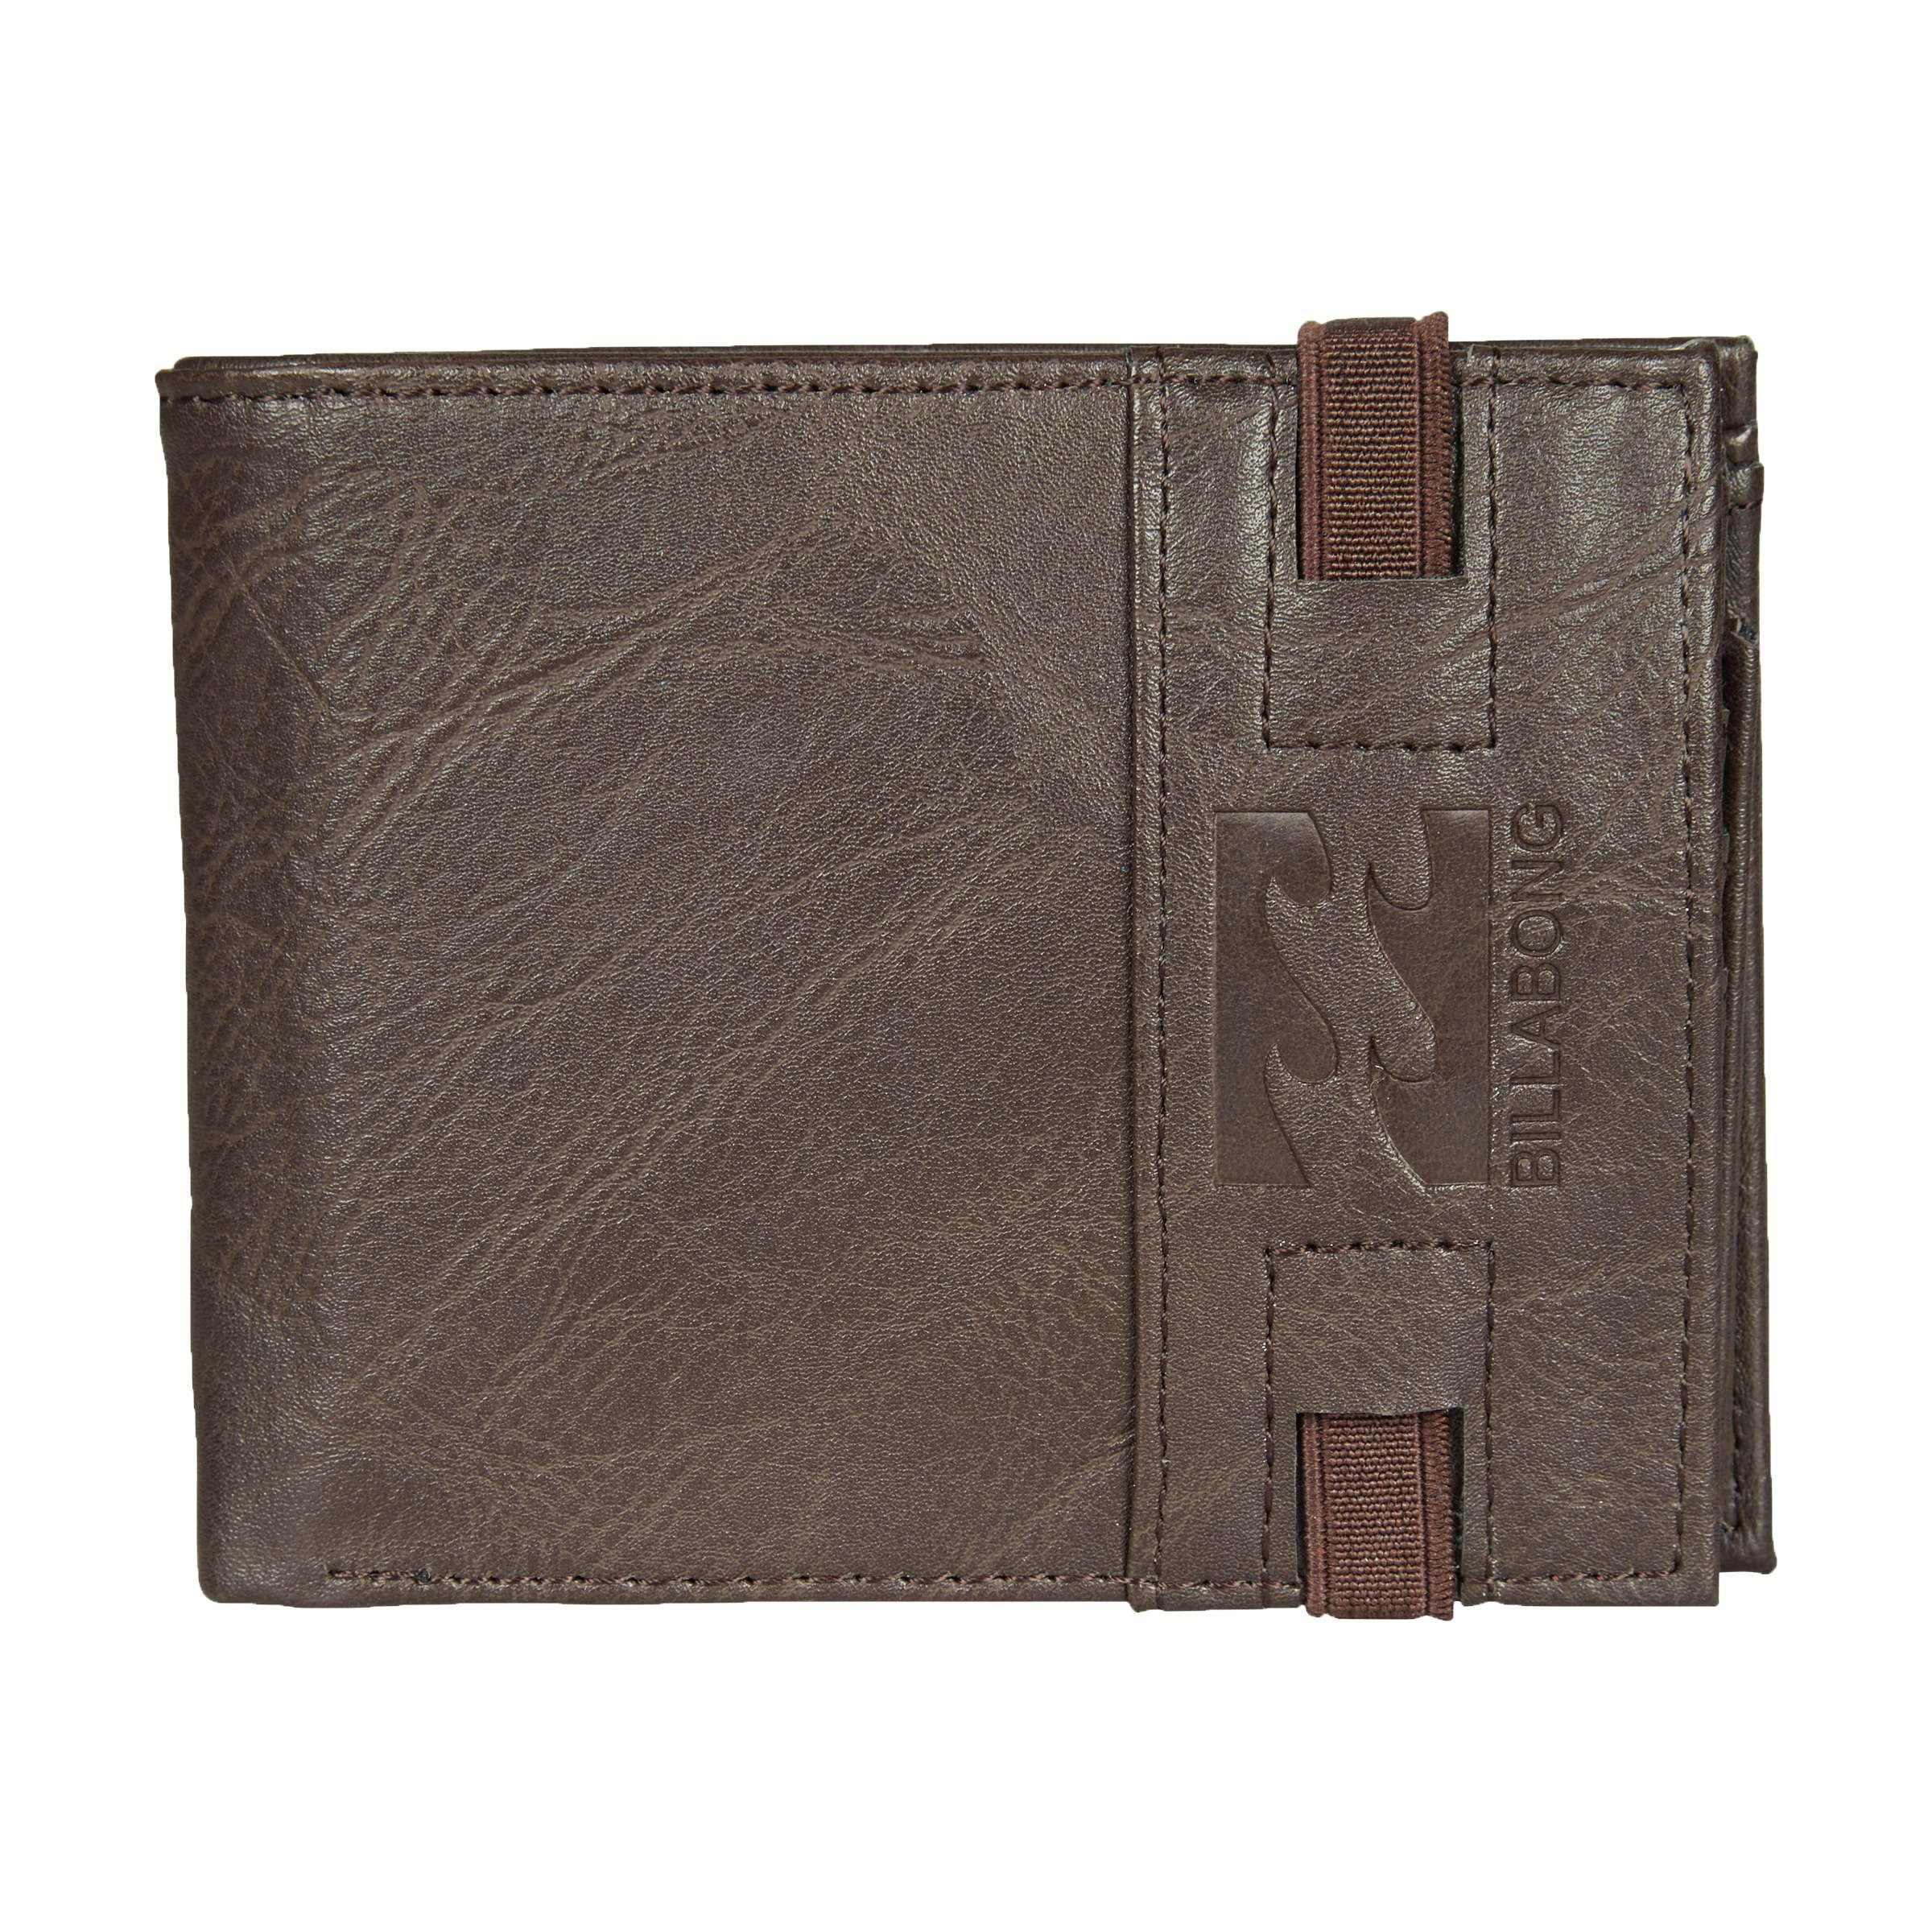 Кошелек Billabong Locked Wallet, цвет: коричневый. 36078693696433607869369643Кошелек с застежкой на резинке с логотипом Billabong . Карман для мелочи на молнии отделения для карточек.